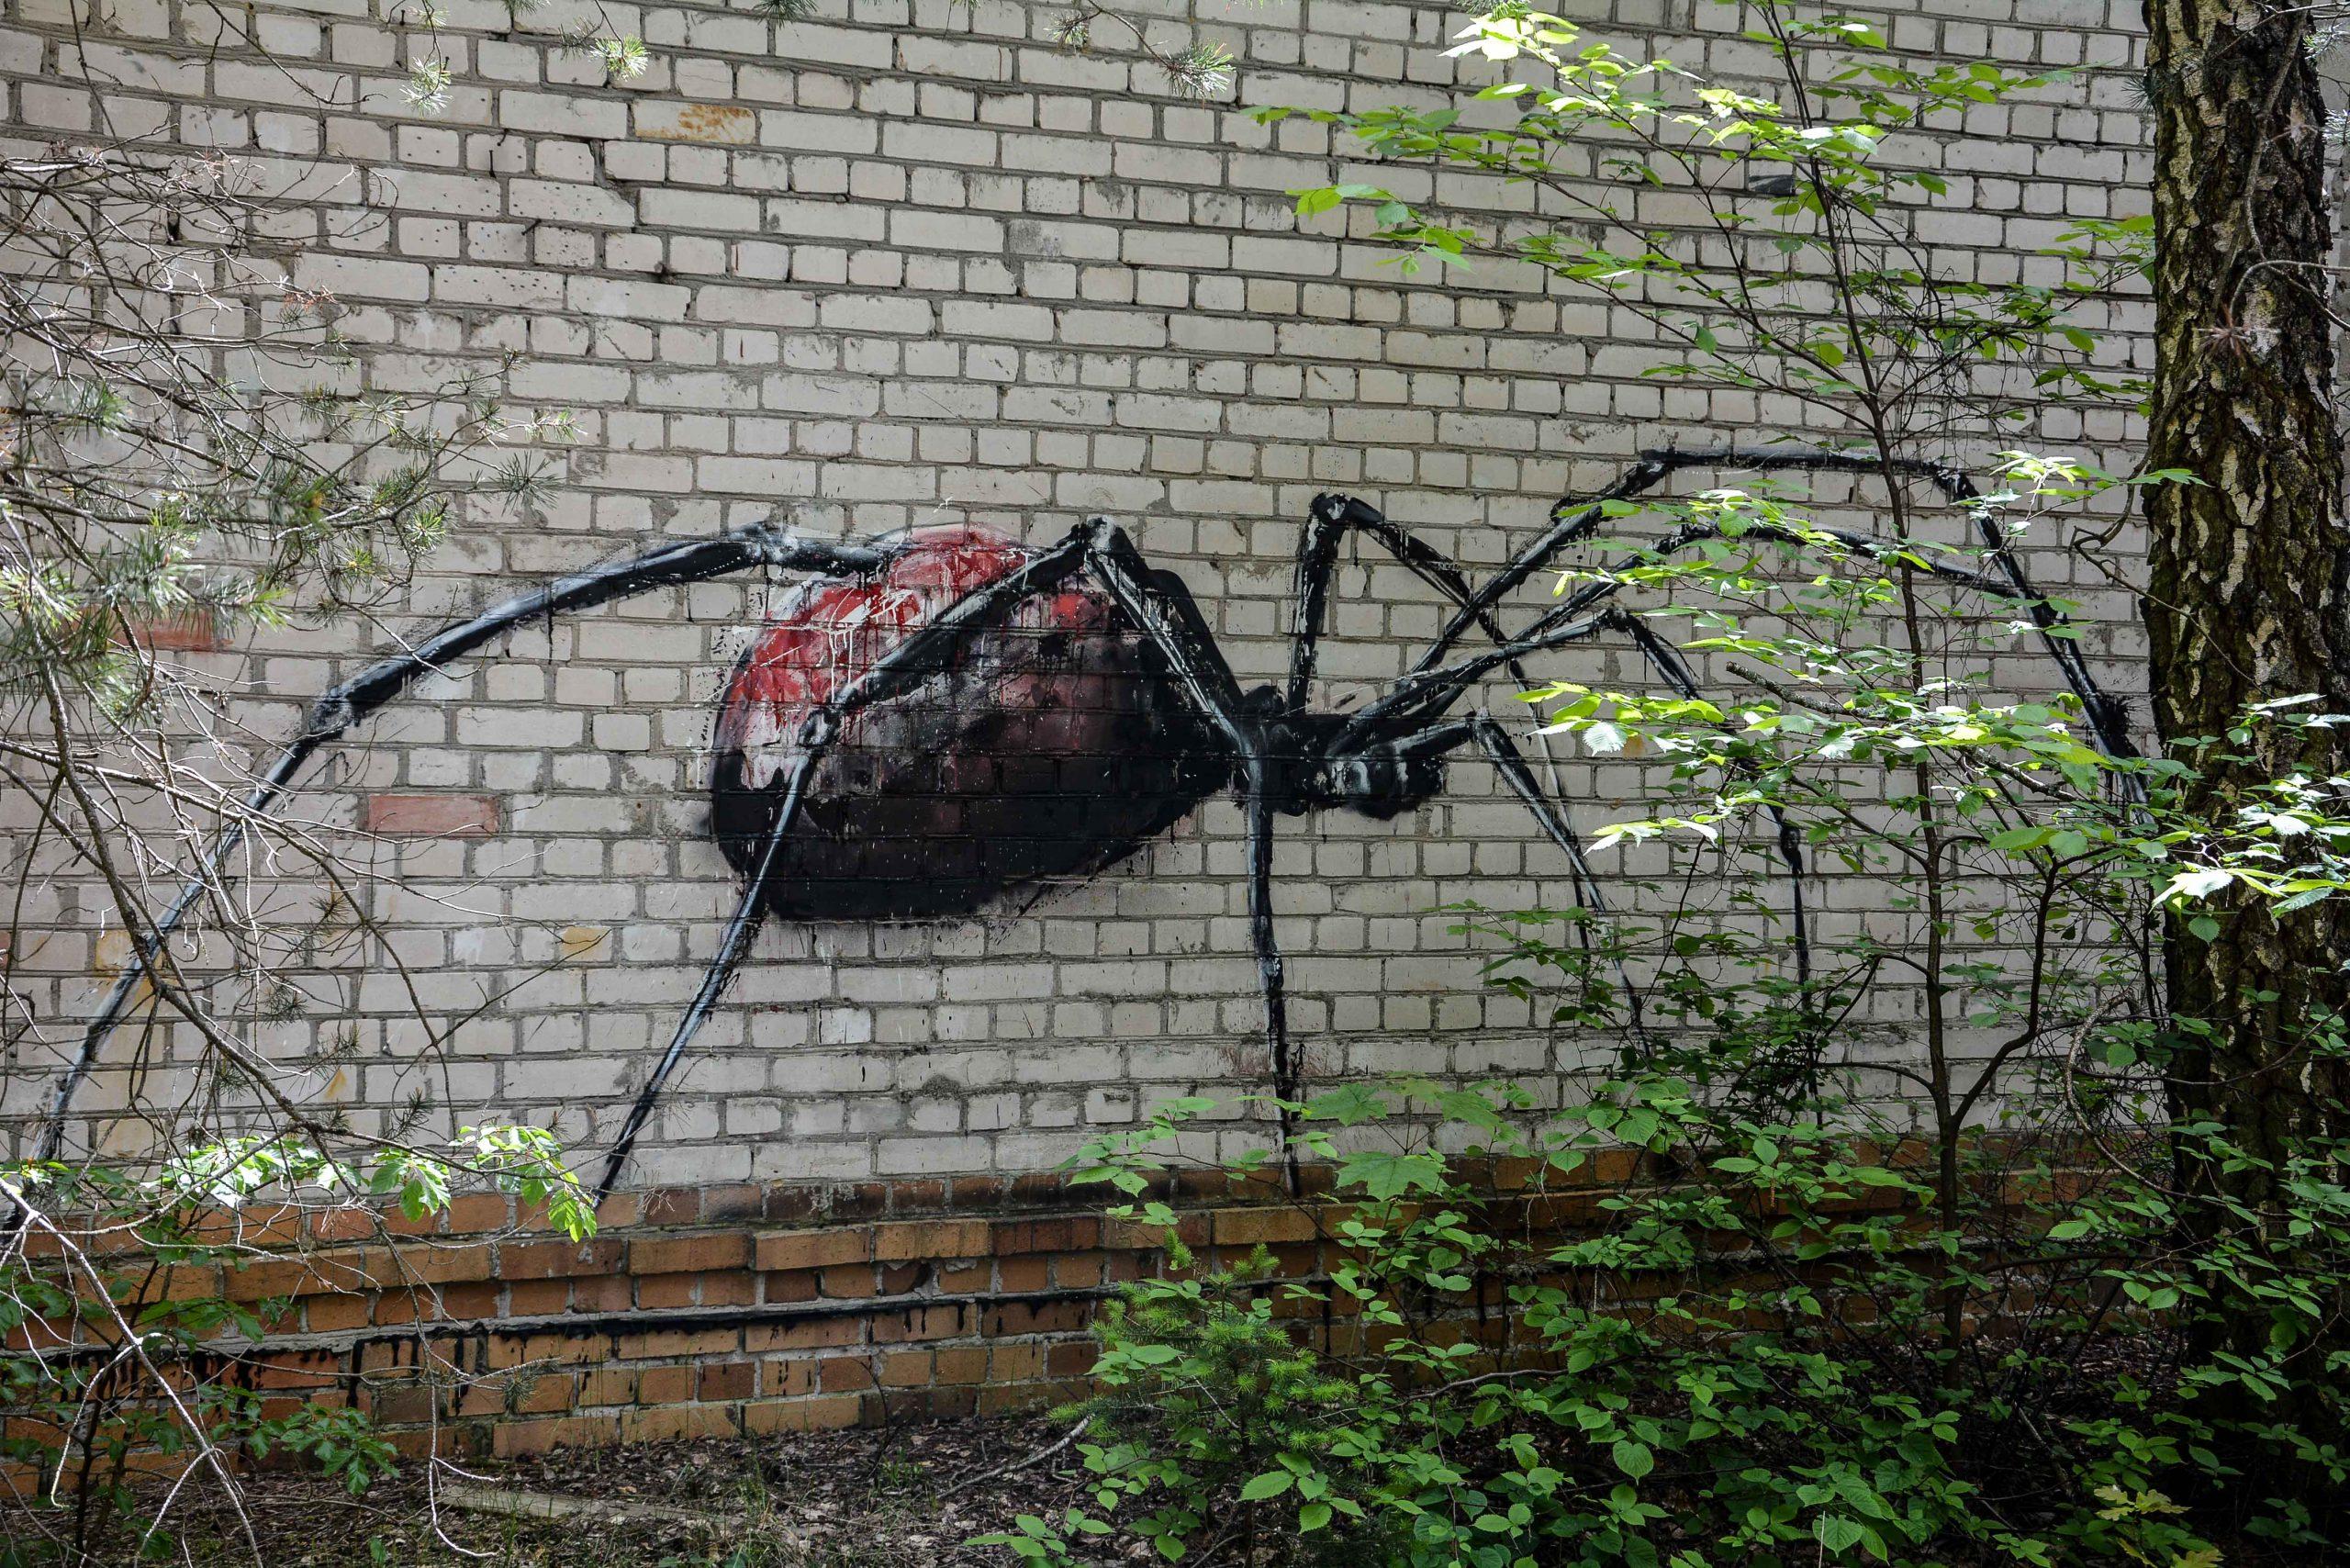 street art graffiti spider tuberkulose heilstaette grabowsee sanatorium oranienburg lost places abandoned urbex brandenburg germany deutschland